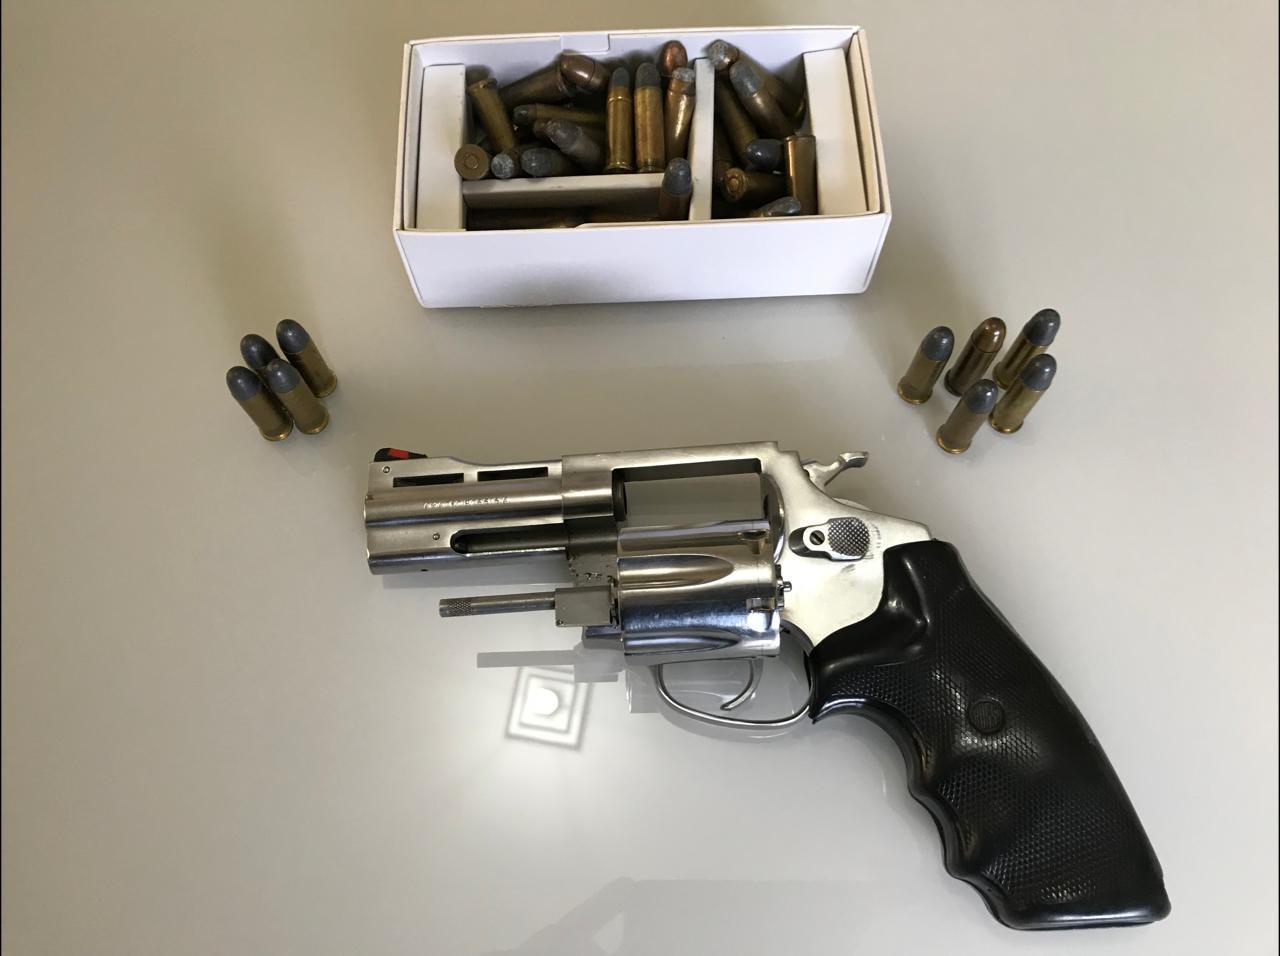 Armas e munições também foram apreendidas na casa dos criminosos